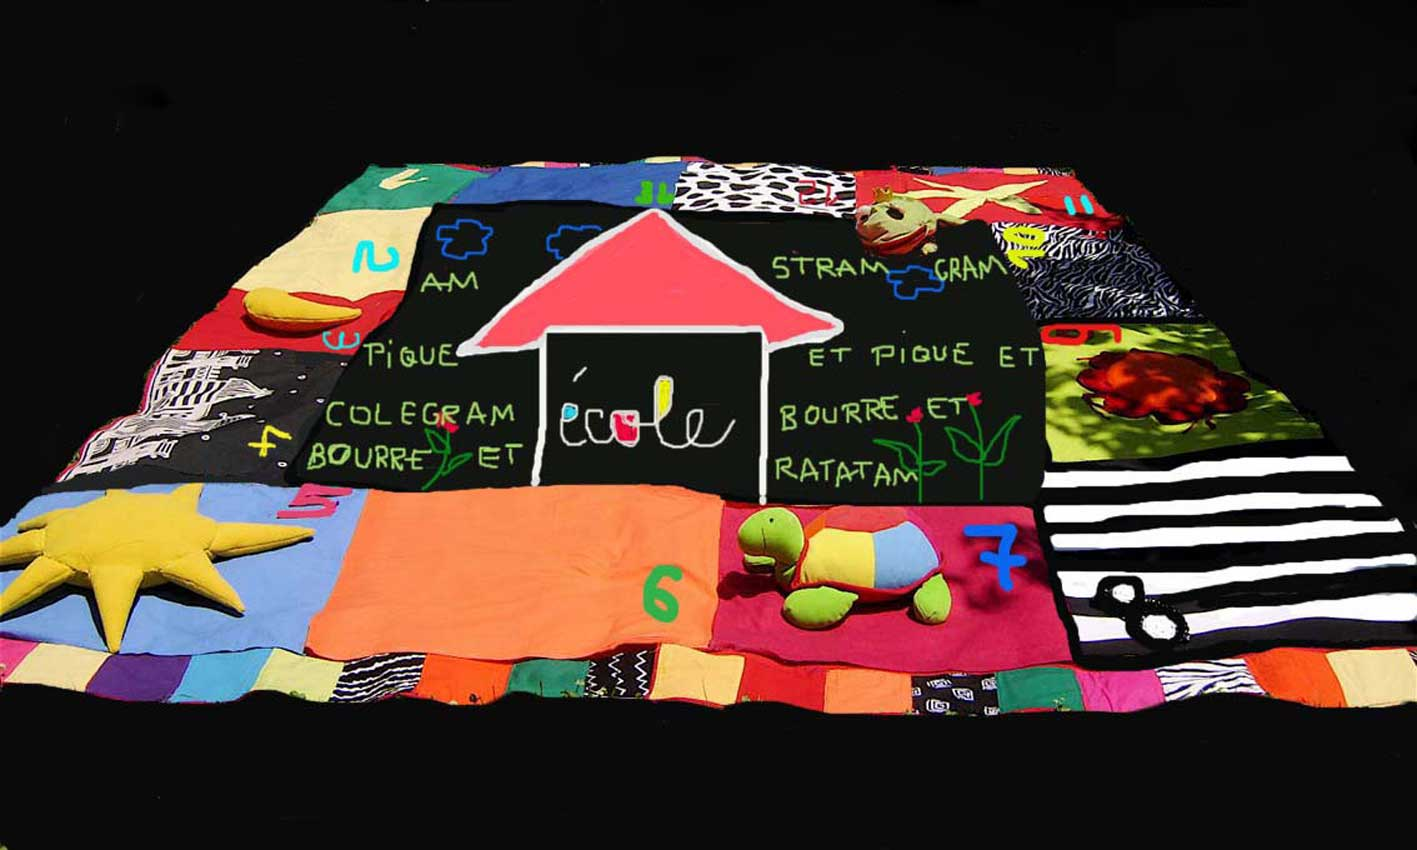 tapis-de-jeu-colorié